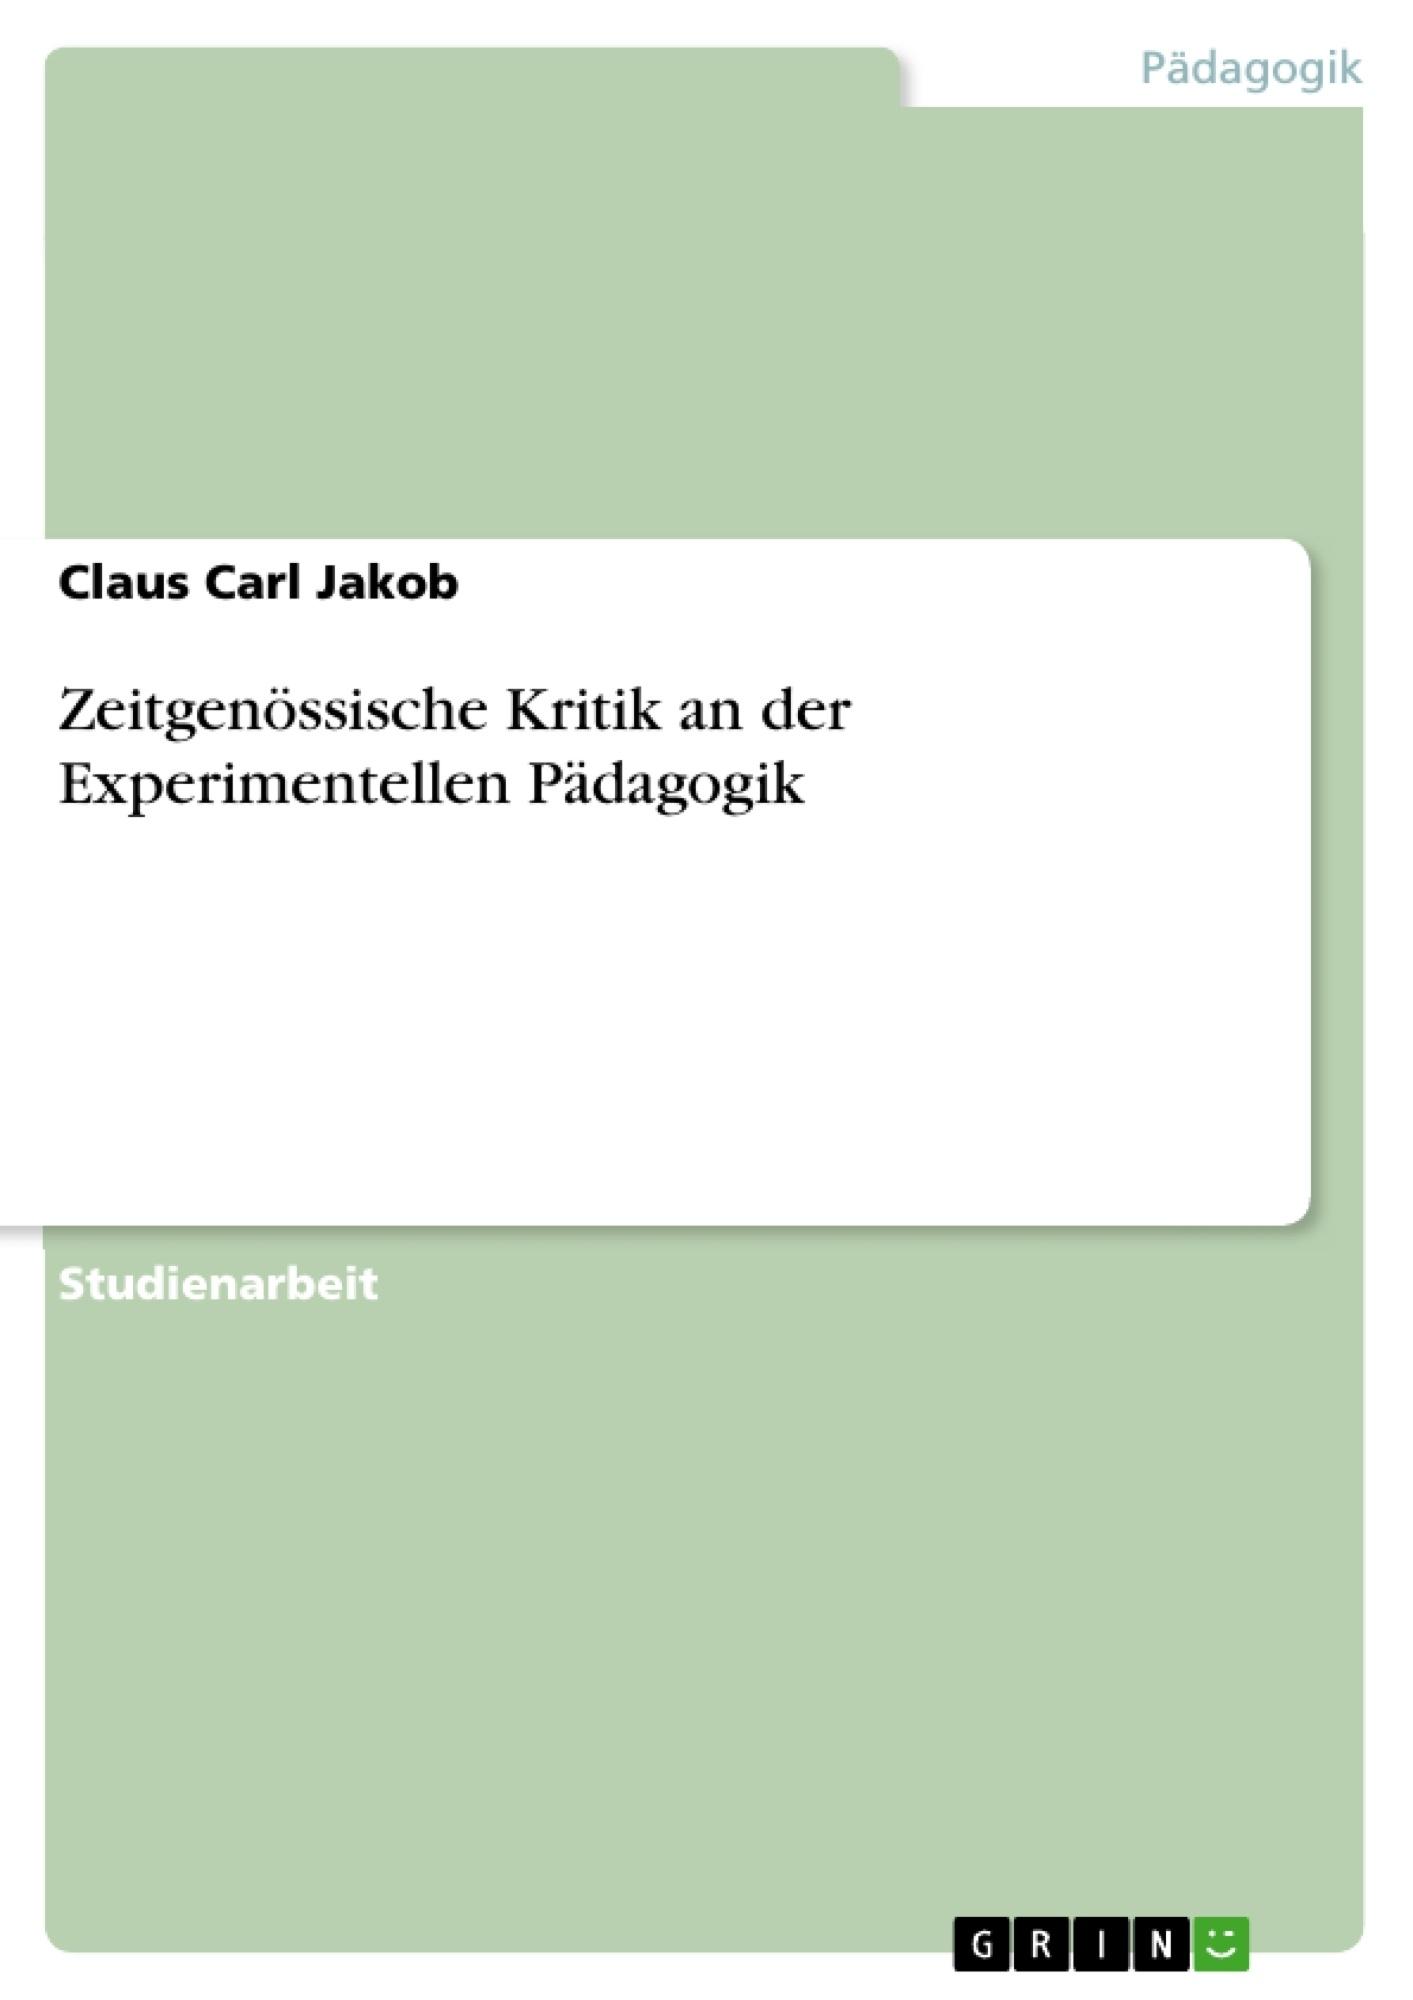 Titel: Zeitgenössische Kritik an der Experimentellen Pädagogik